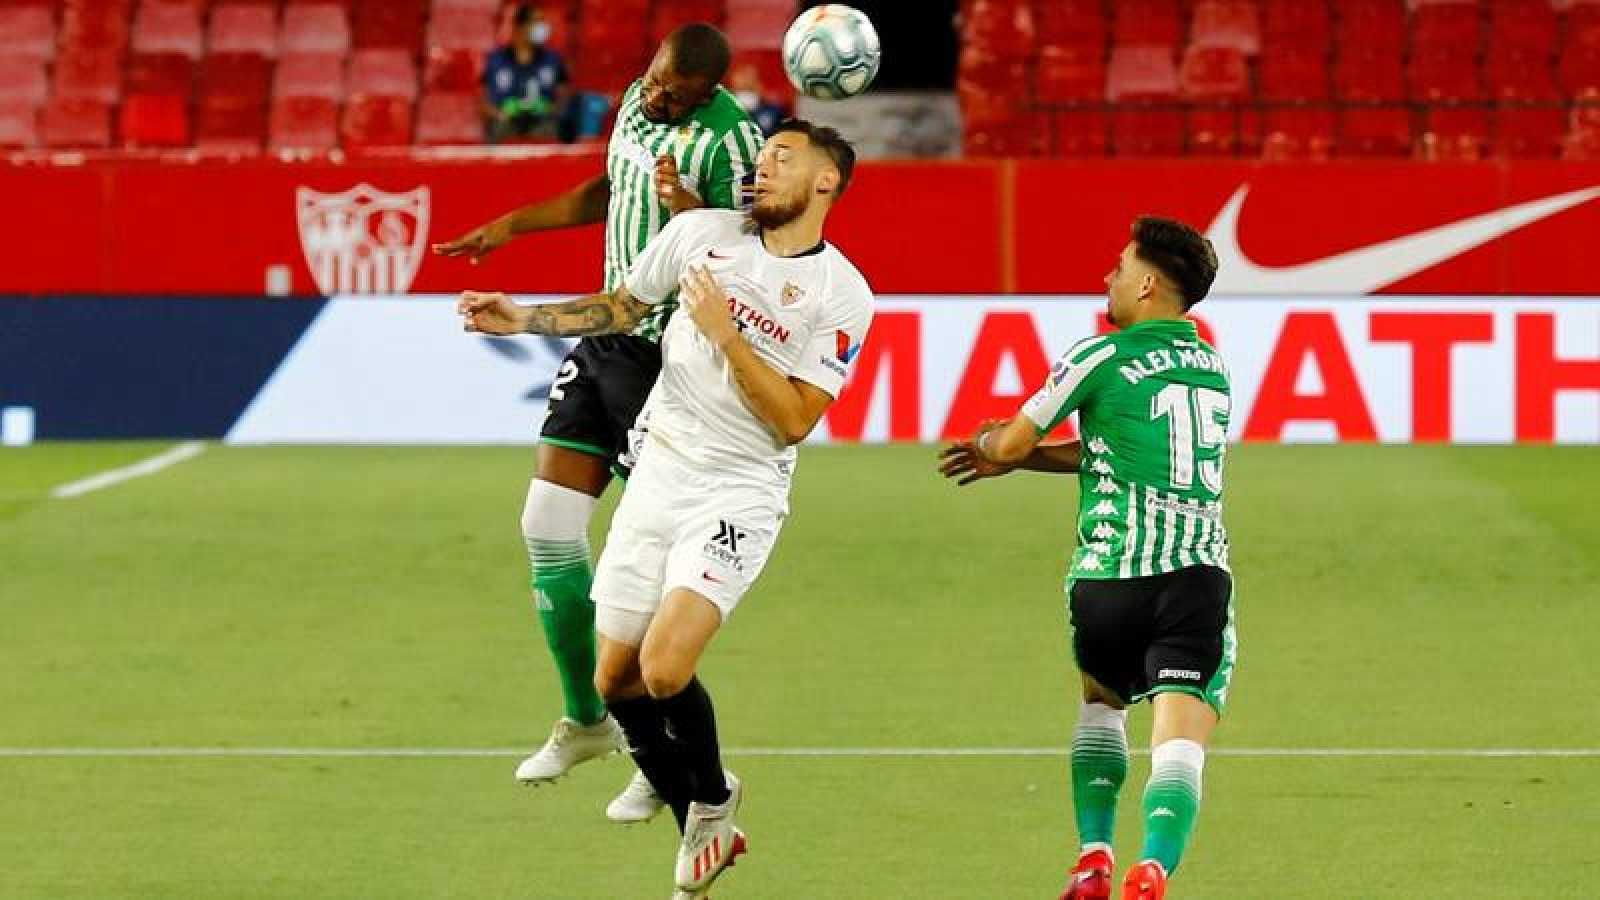 El sevillista Ocampos lucha un balón aéreo con el bético Sidnei.